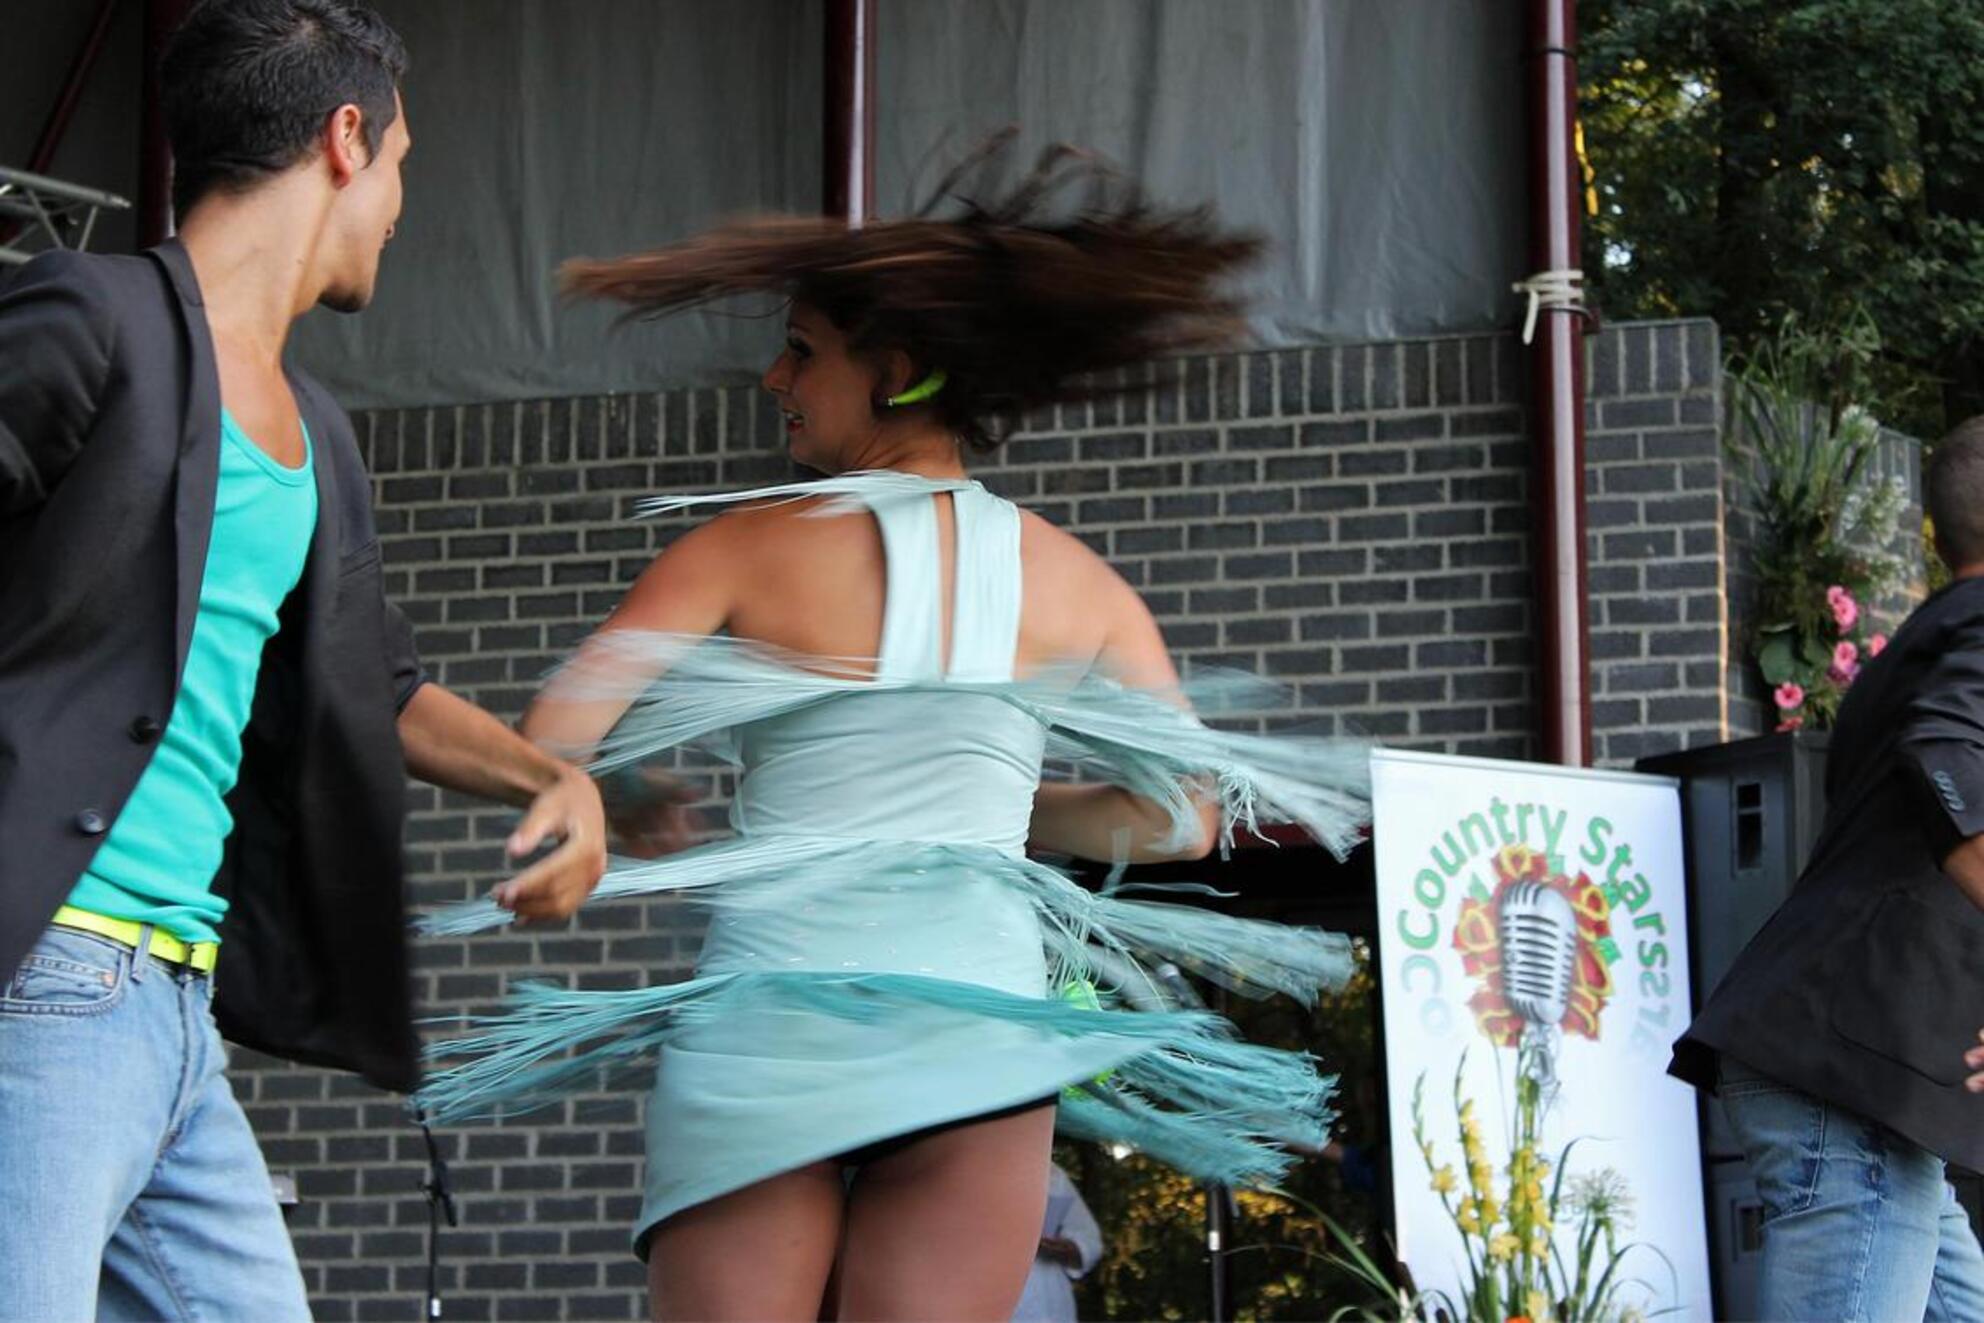 pirouette op het podium - Danspaar op het Floralia Country podium in Oosterhout. - foto door jkoning op 21-08-2012 - deze foto bevat: muziek, dans, sprong, oosterhout, country, floralia, Southern Stars - Deze foto mag gebruikt worden in een Zoom.nl publicatie